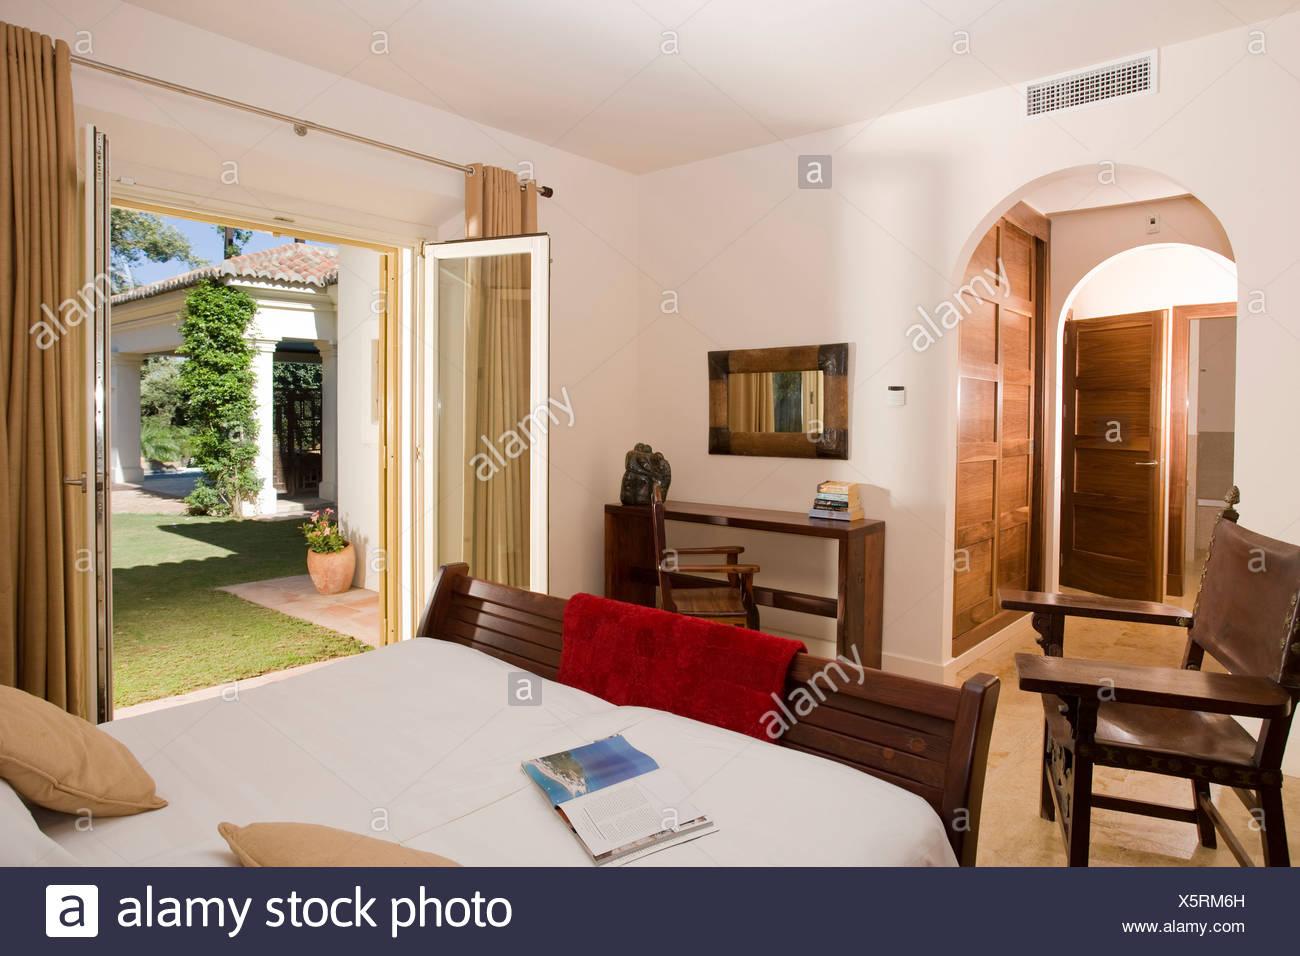 Arredamento semplice in camera da letto moderna in spagnolo ...